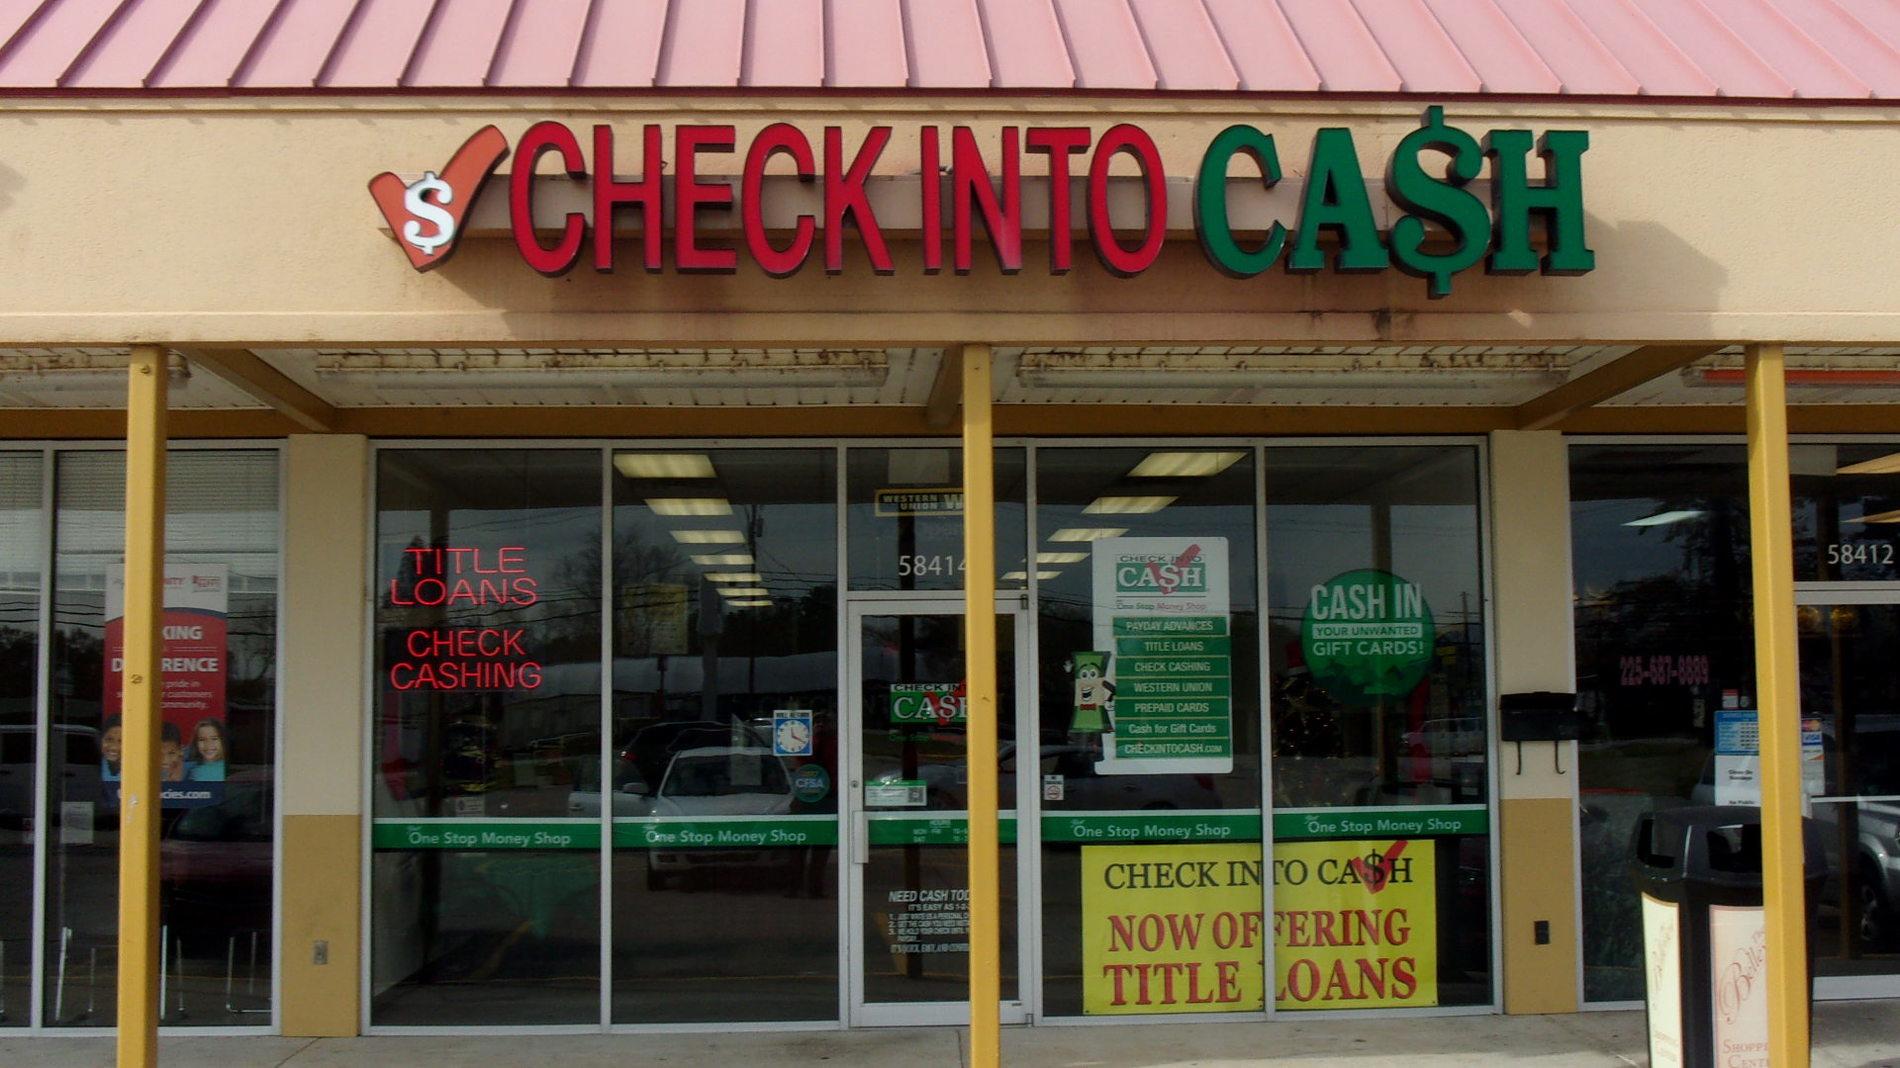 Cash loans sydney online picture 1